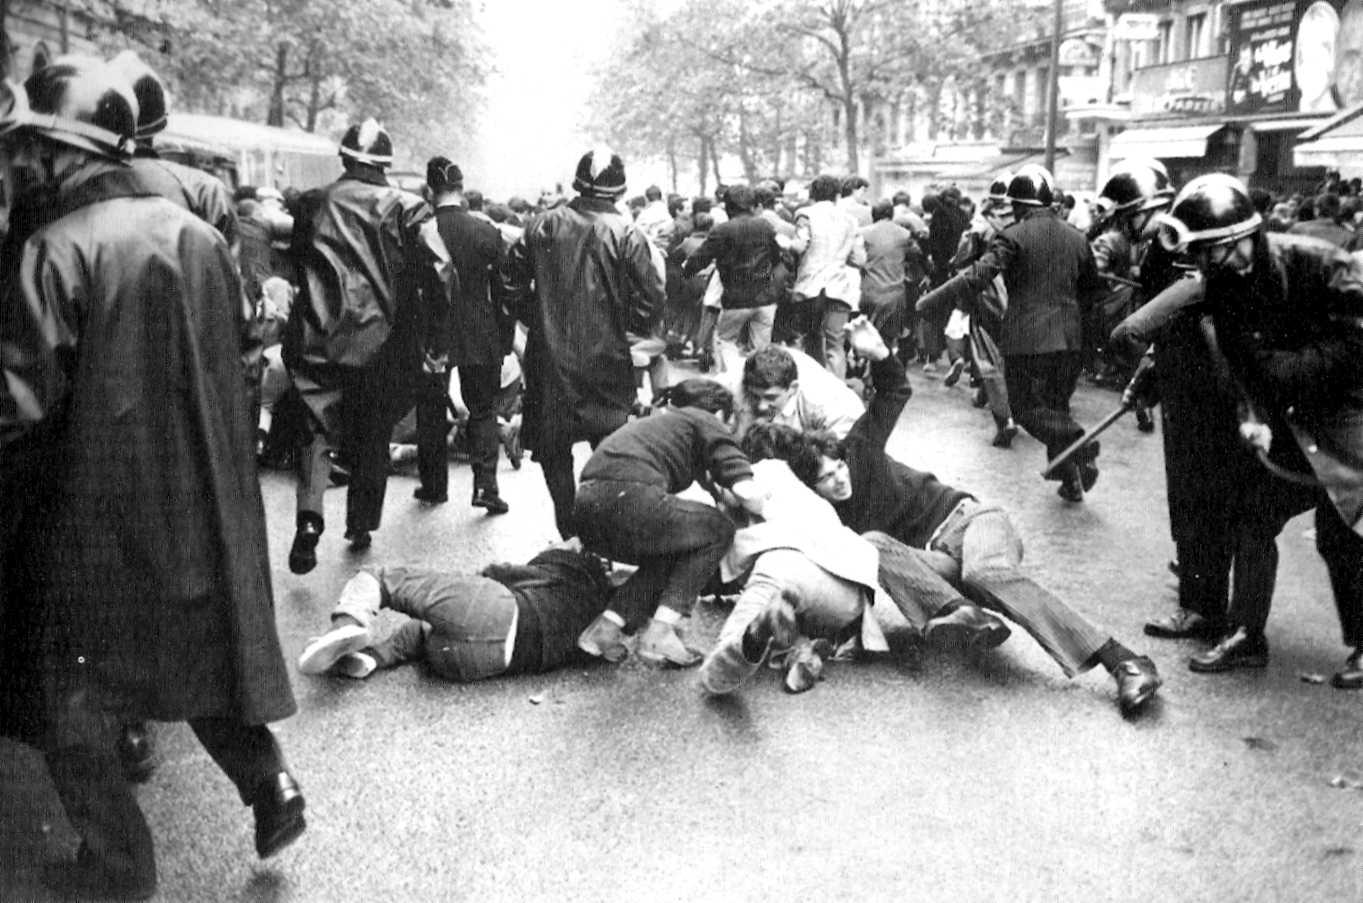 riot-in-paris-1968